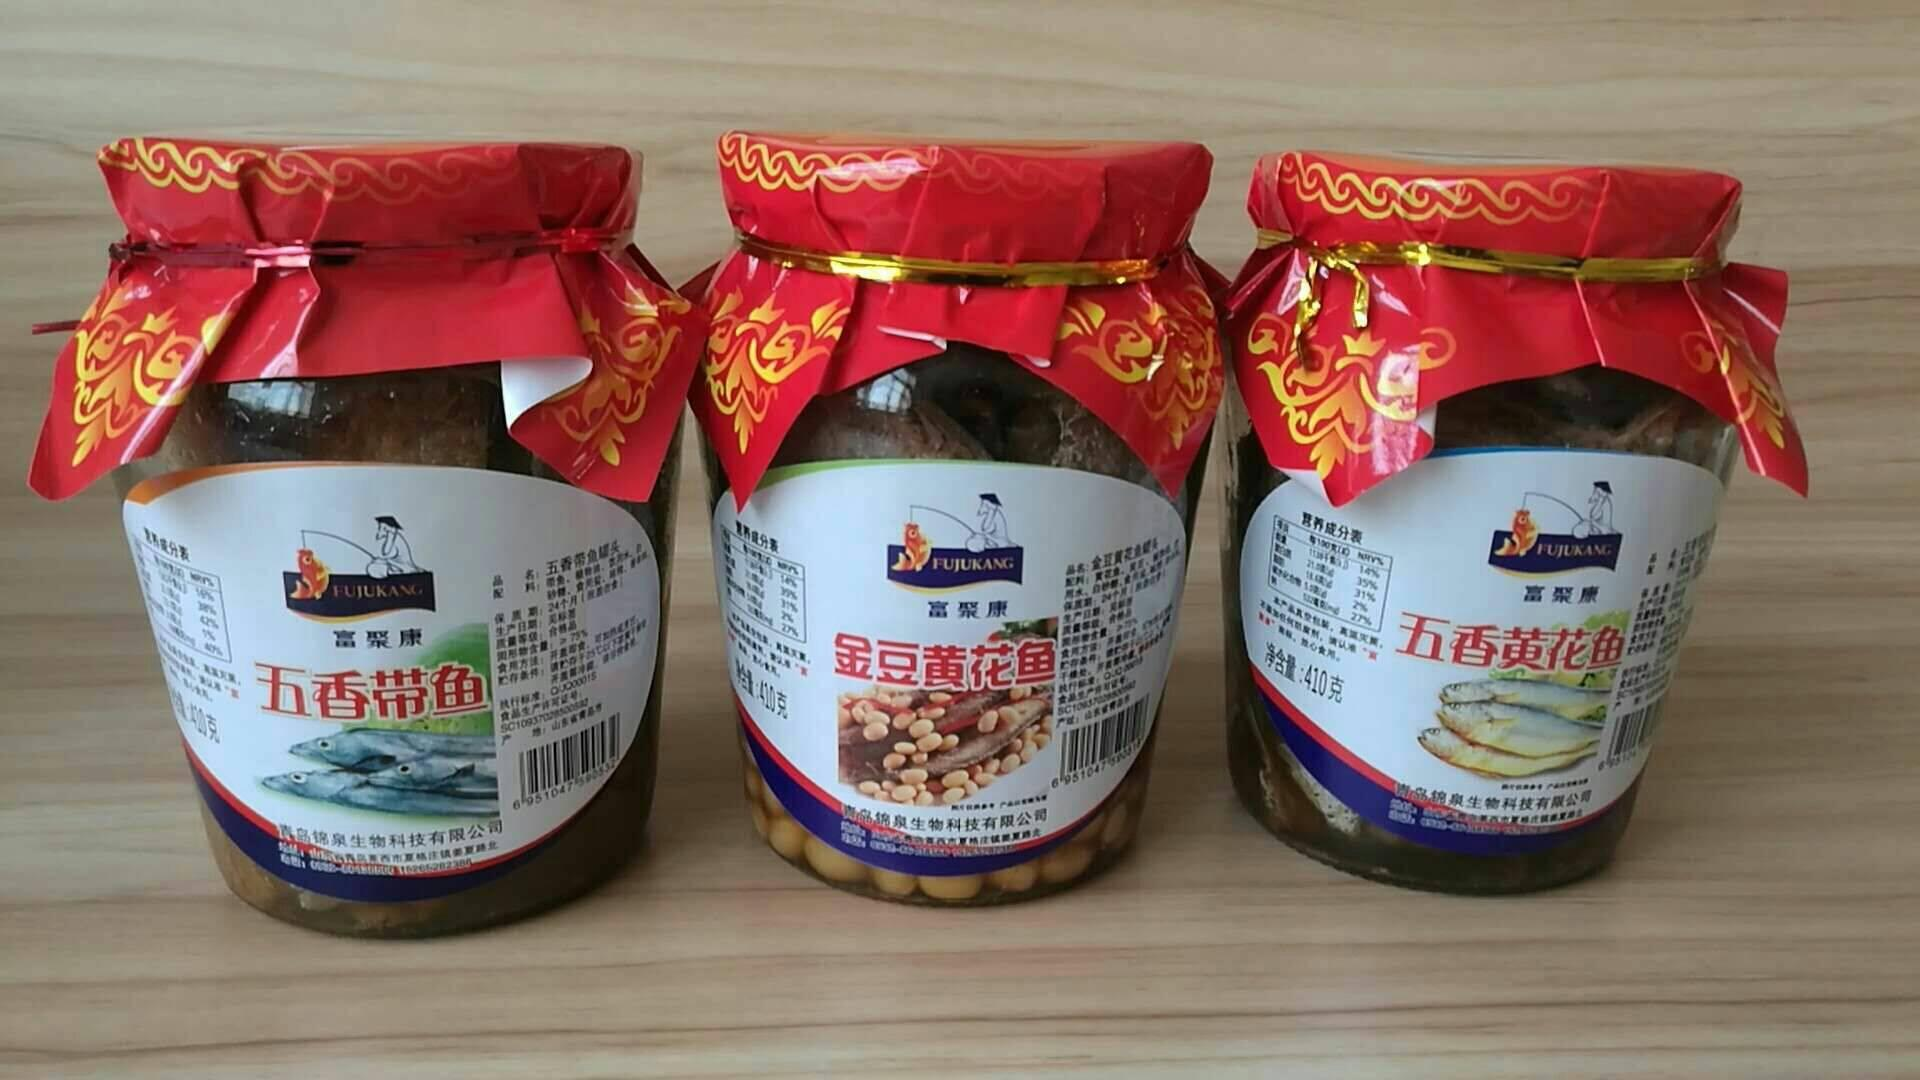 康富德410克無防腐劑五香黃花魚罐頭 3